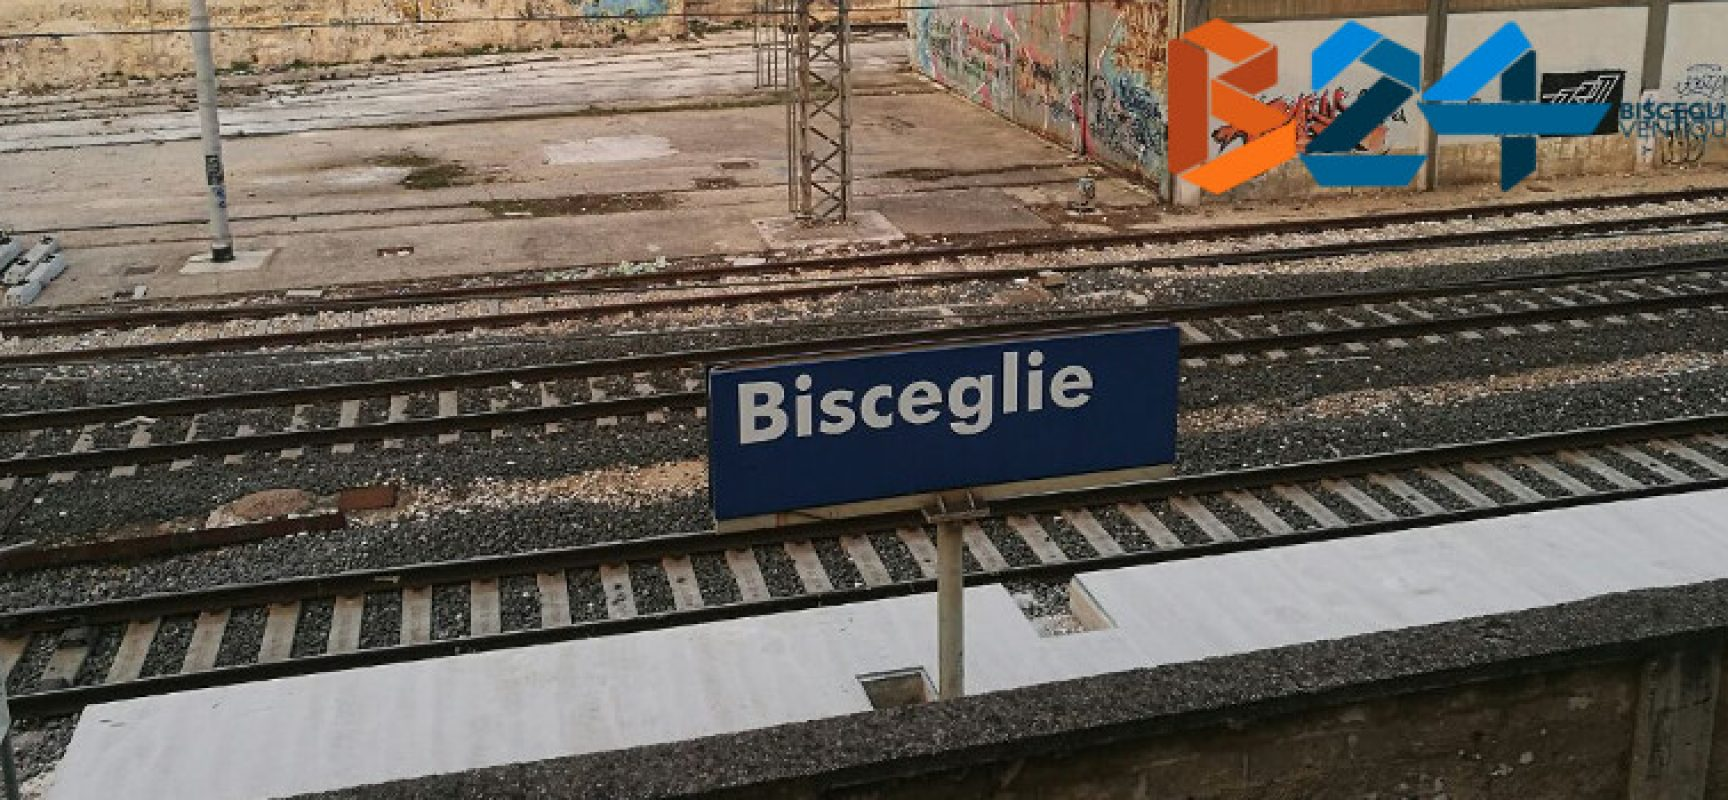 Ripristino treni notte su linea adriatica, la proposta di un cittadino biscegliese